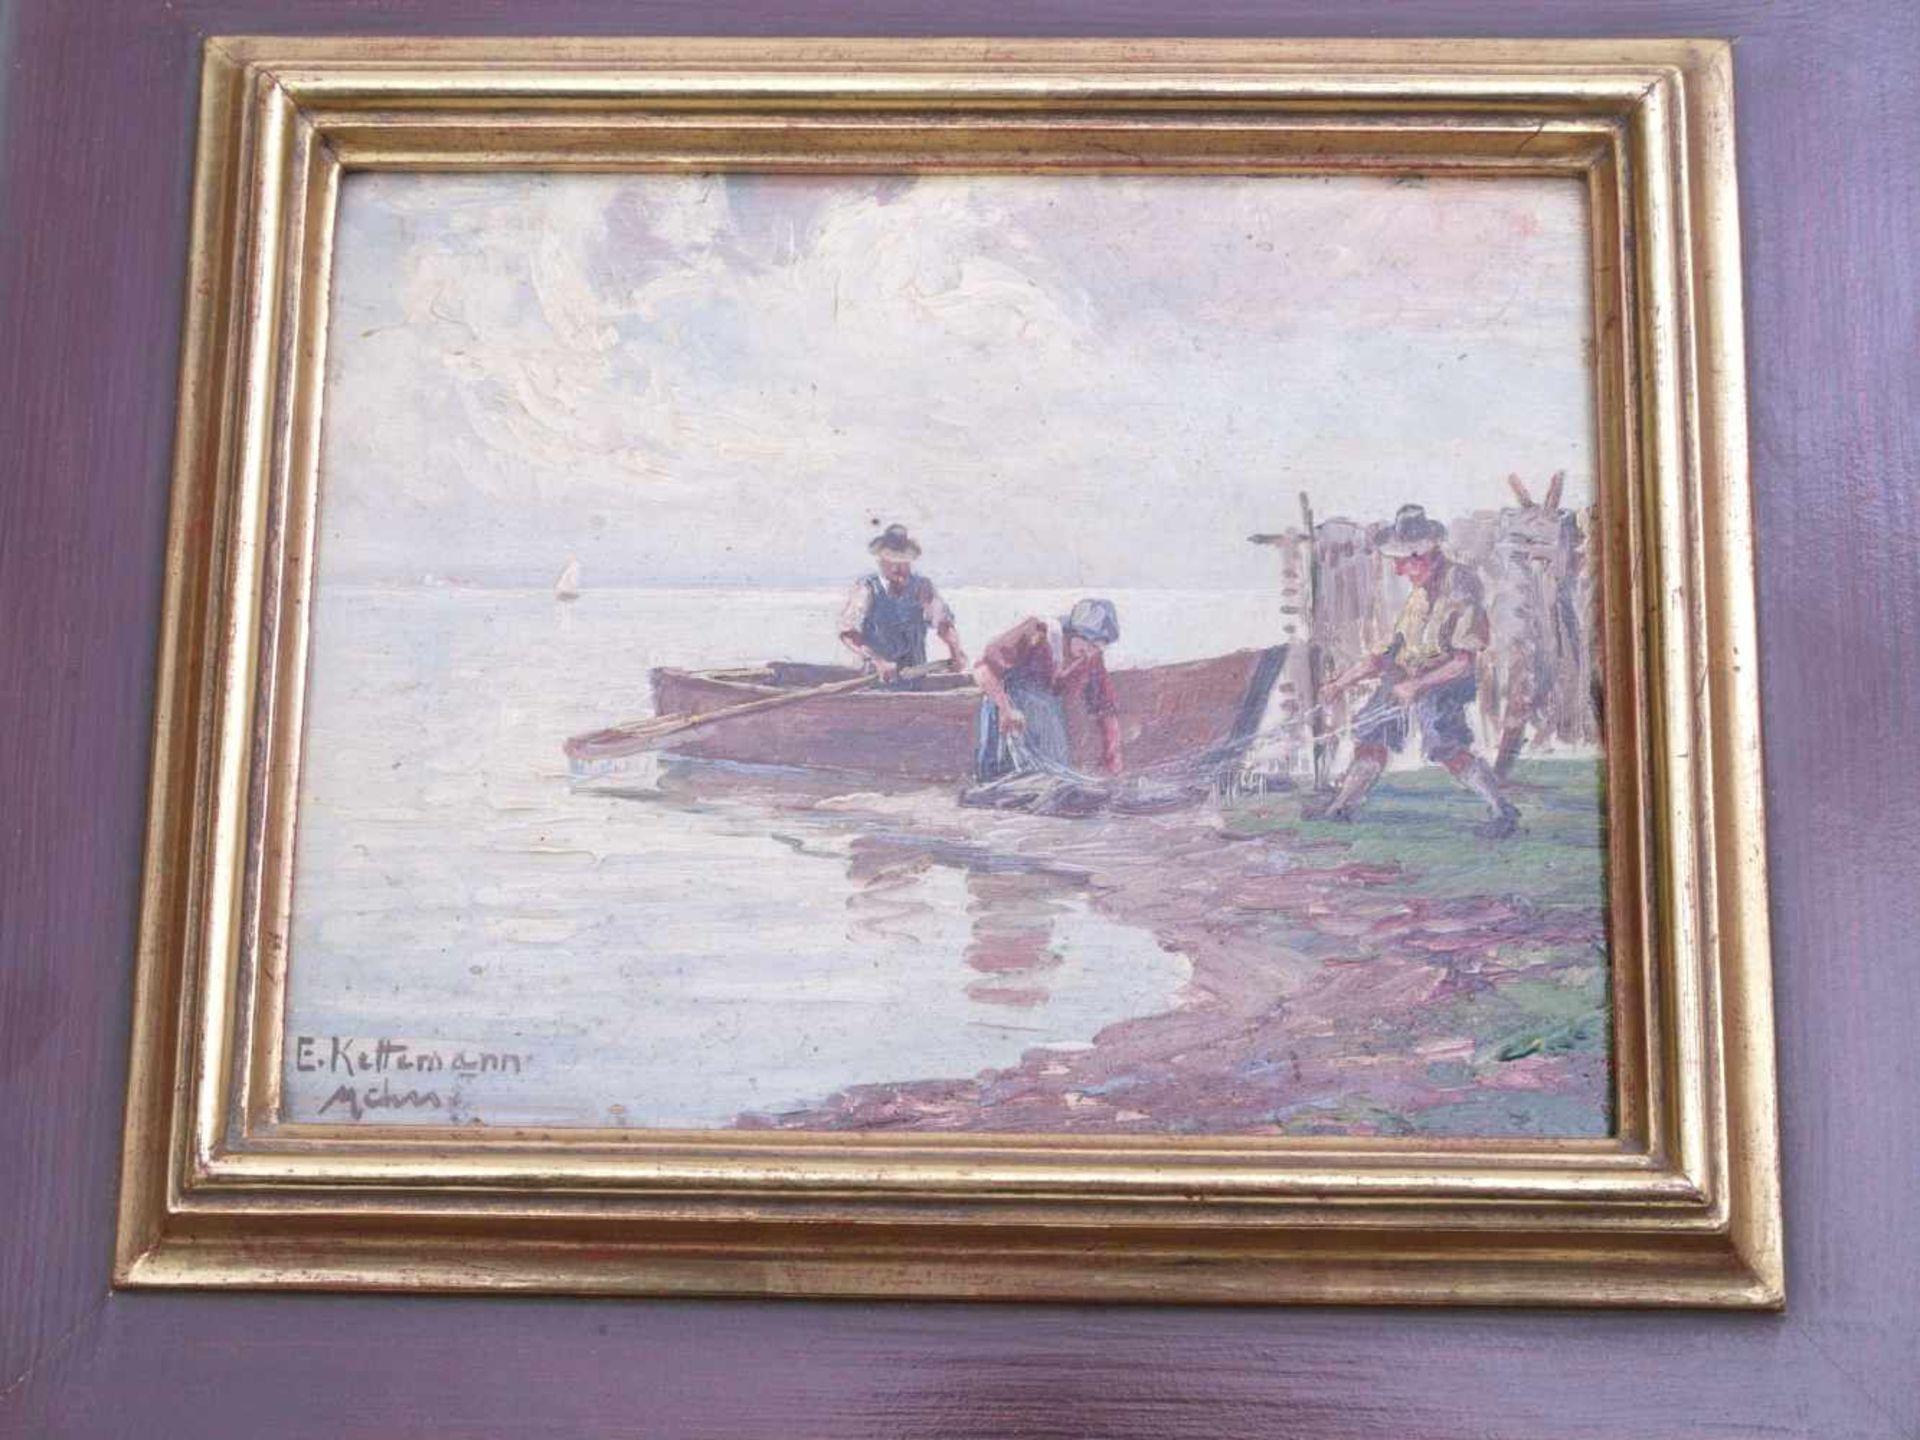 Kettemann, Erwin (1897-1971) - Fischer am Chiemsee MünchenBlick auf drei Fischer am Ufer des Sees, - Bild 2 aus 5